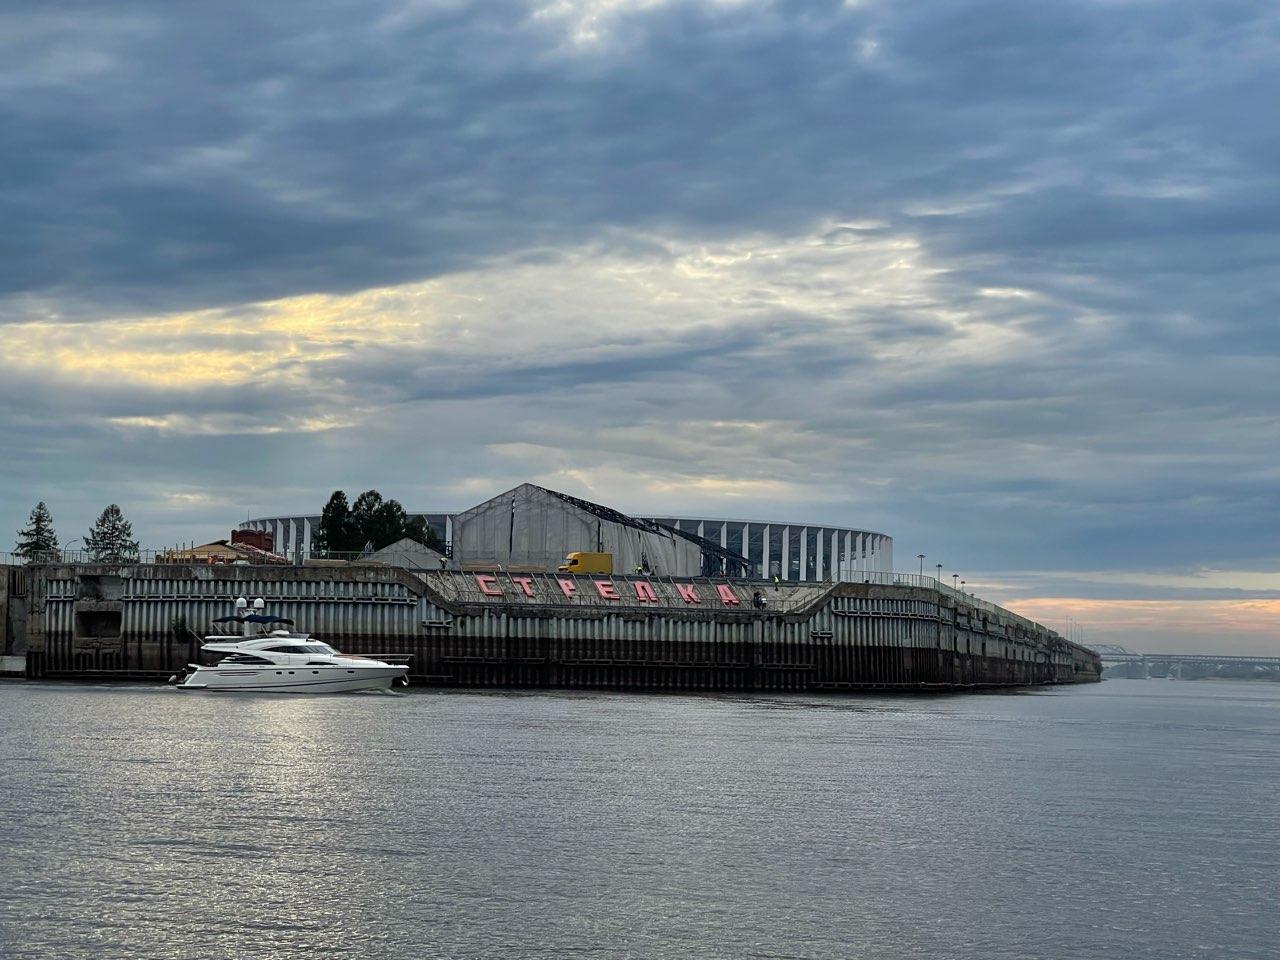 Щит для строительства метро «Татьяна» делят конкурсные управляющие в Нижнем Новгороде - фото 1